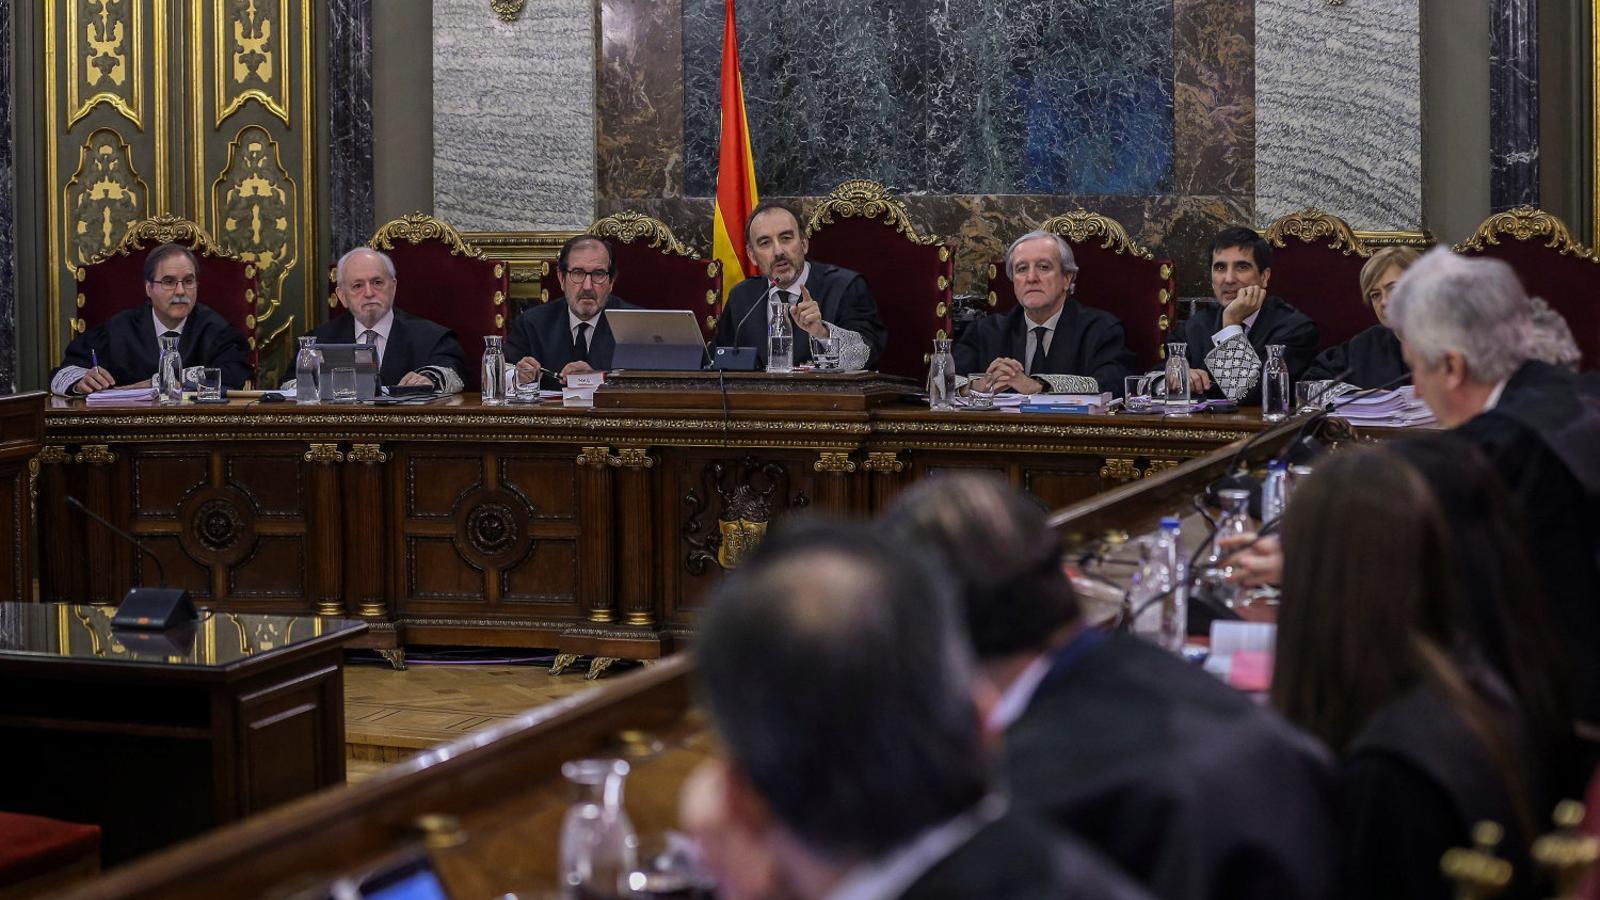 Per què Marchena talla Turull i va deixar que Junqueras fes un discurs polític?